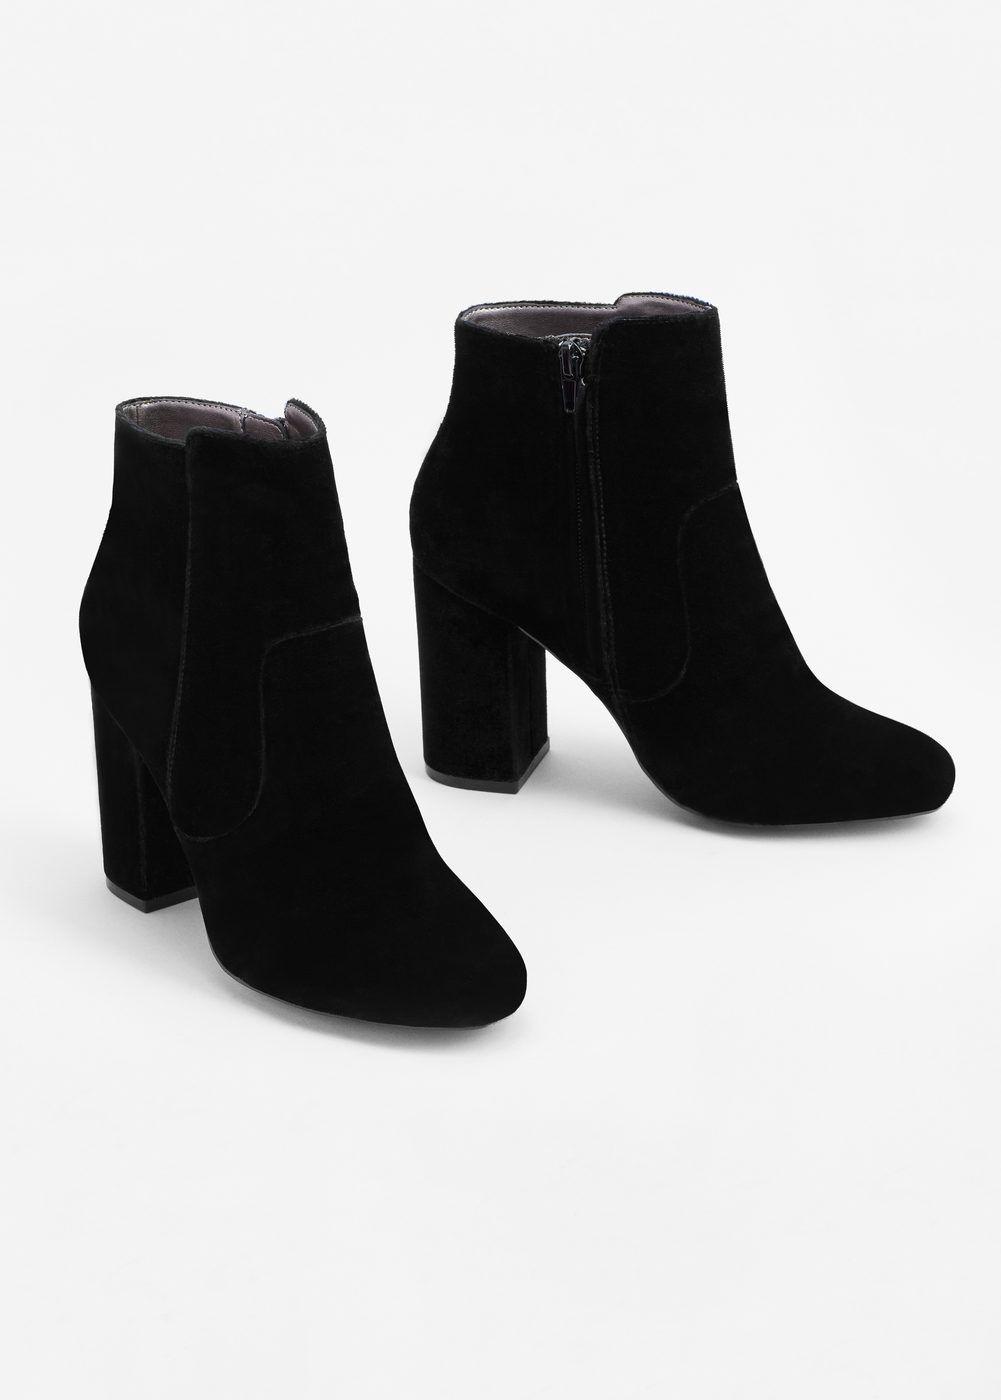 diseño moderno estilo máximo exuberante en diseño Botín terciopelo tacón - Mujer en 2019 | Zapatos, Zapatos ...